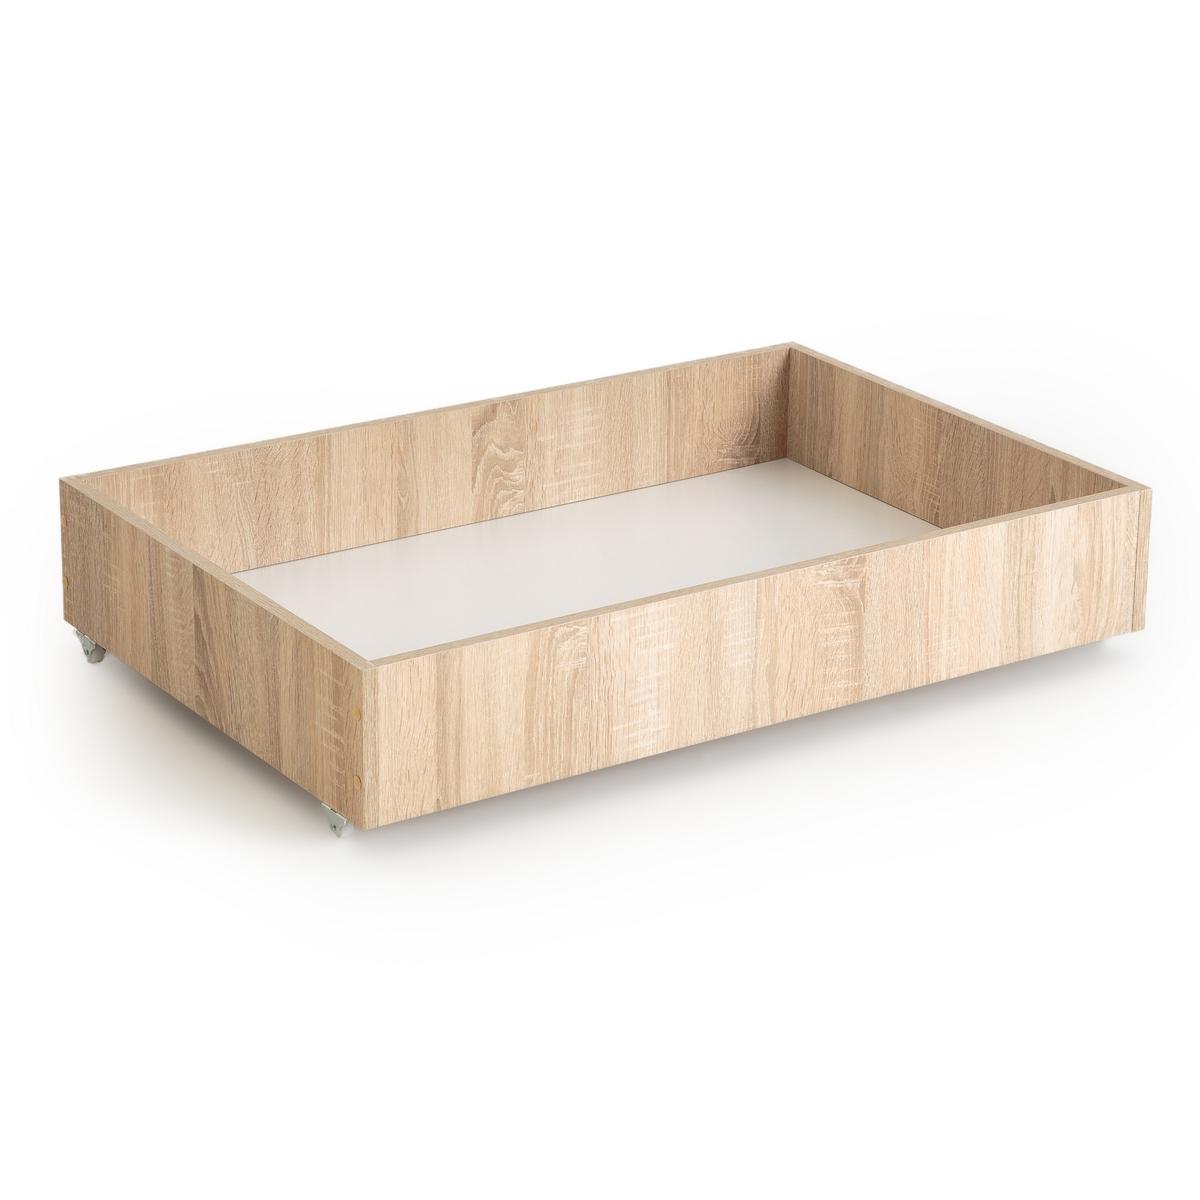 Ящик La Redoute Для хранения для раскладного дивана см отделка из дуба единый размер бежевый чехол стеганый для раскладного дивана scénario